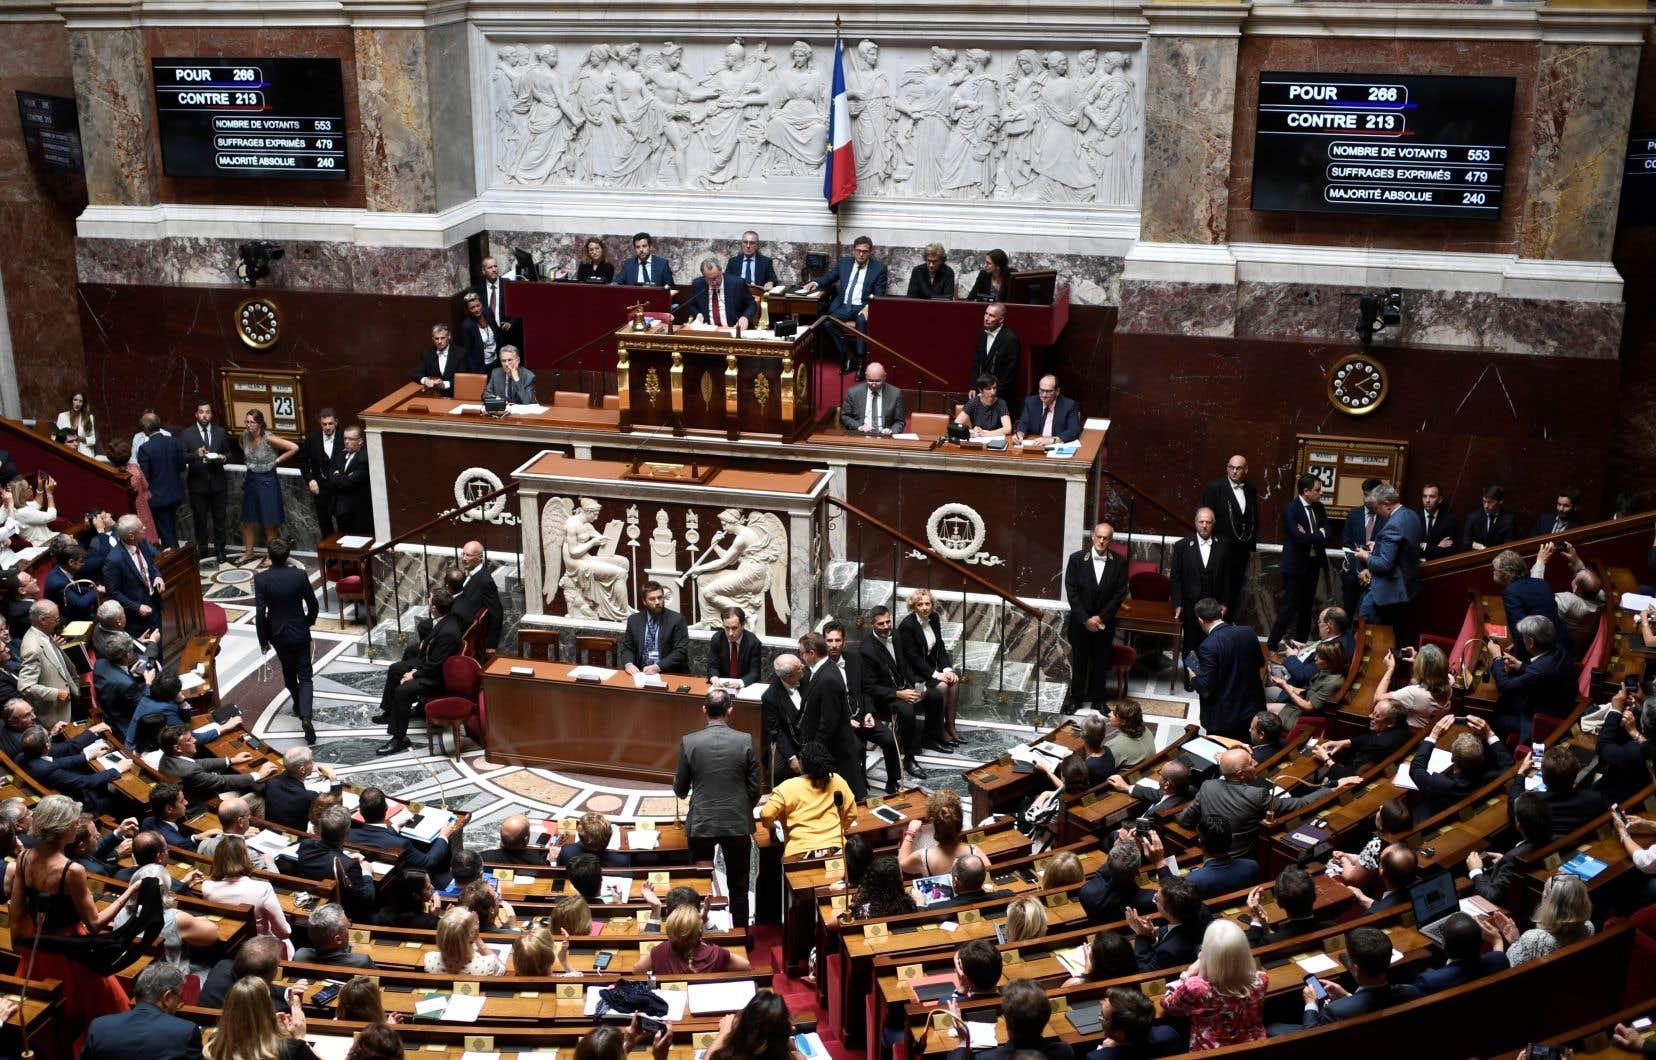 <p>Les députés français ont approuvé la ratification du traitépar 266 voix contre 213 et 74 abstentions.</p>